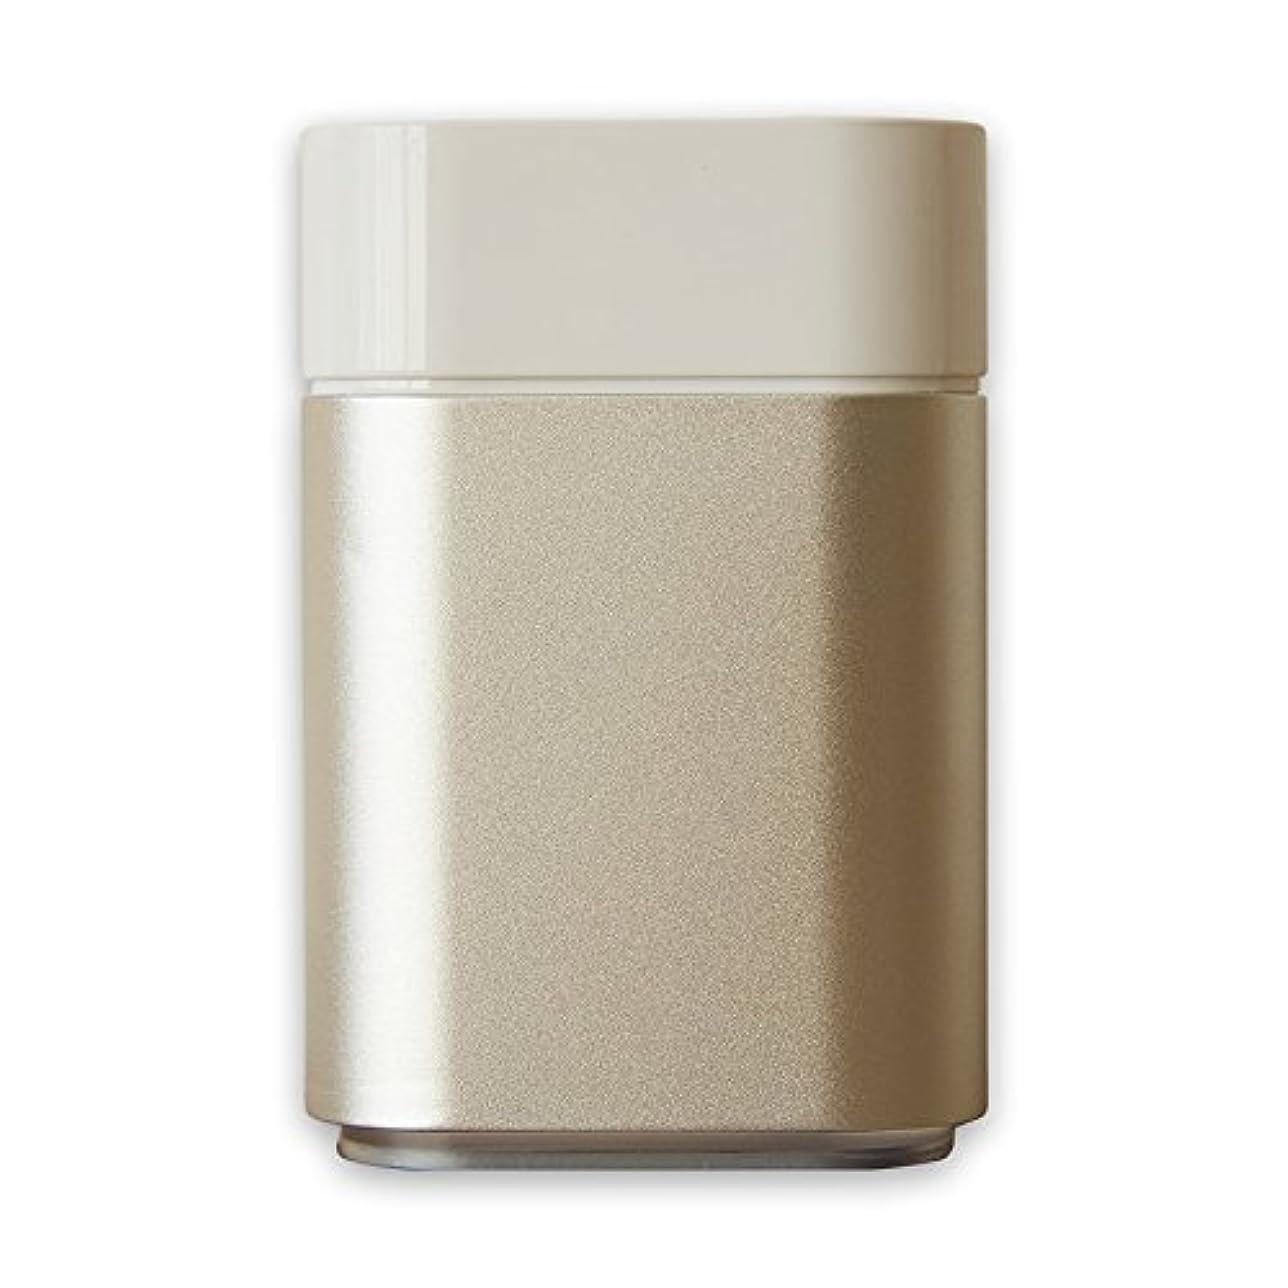 変動するコンバーチブル特殊アロマディフューザー UR-AROMA04 卓上 小型 Uruon(ウルオン)水を使わない アロマ ネブライザー式 水なし ダイレクトオイル 製油瓶直噴式 超音波式 USB 卓上 油性 水性 静音 アロマオイル